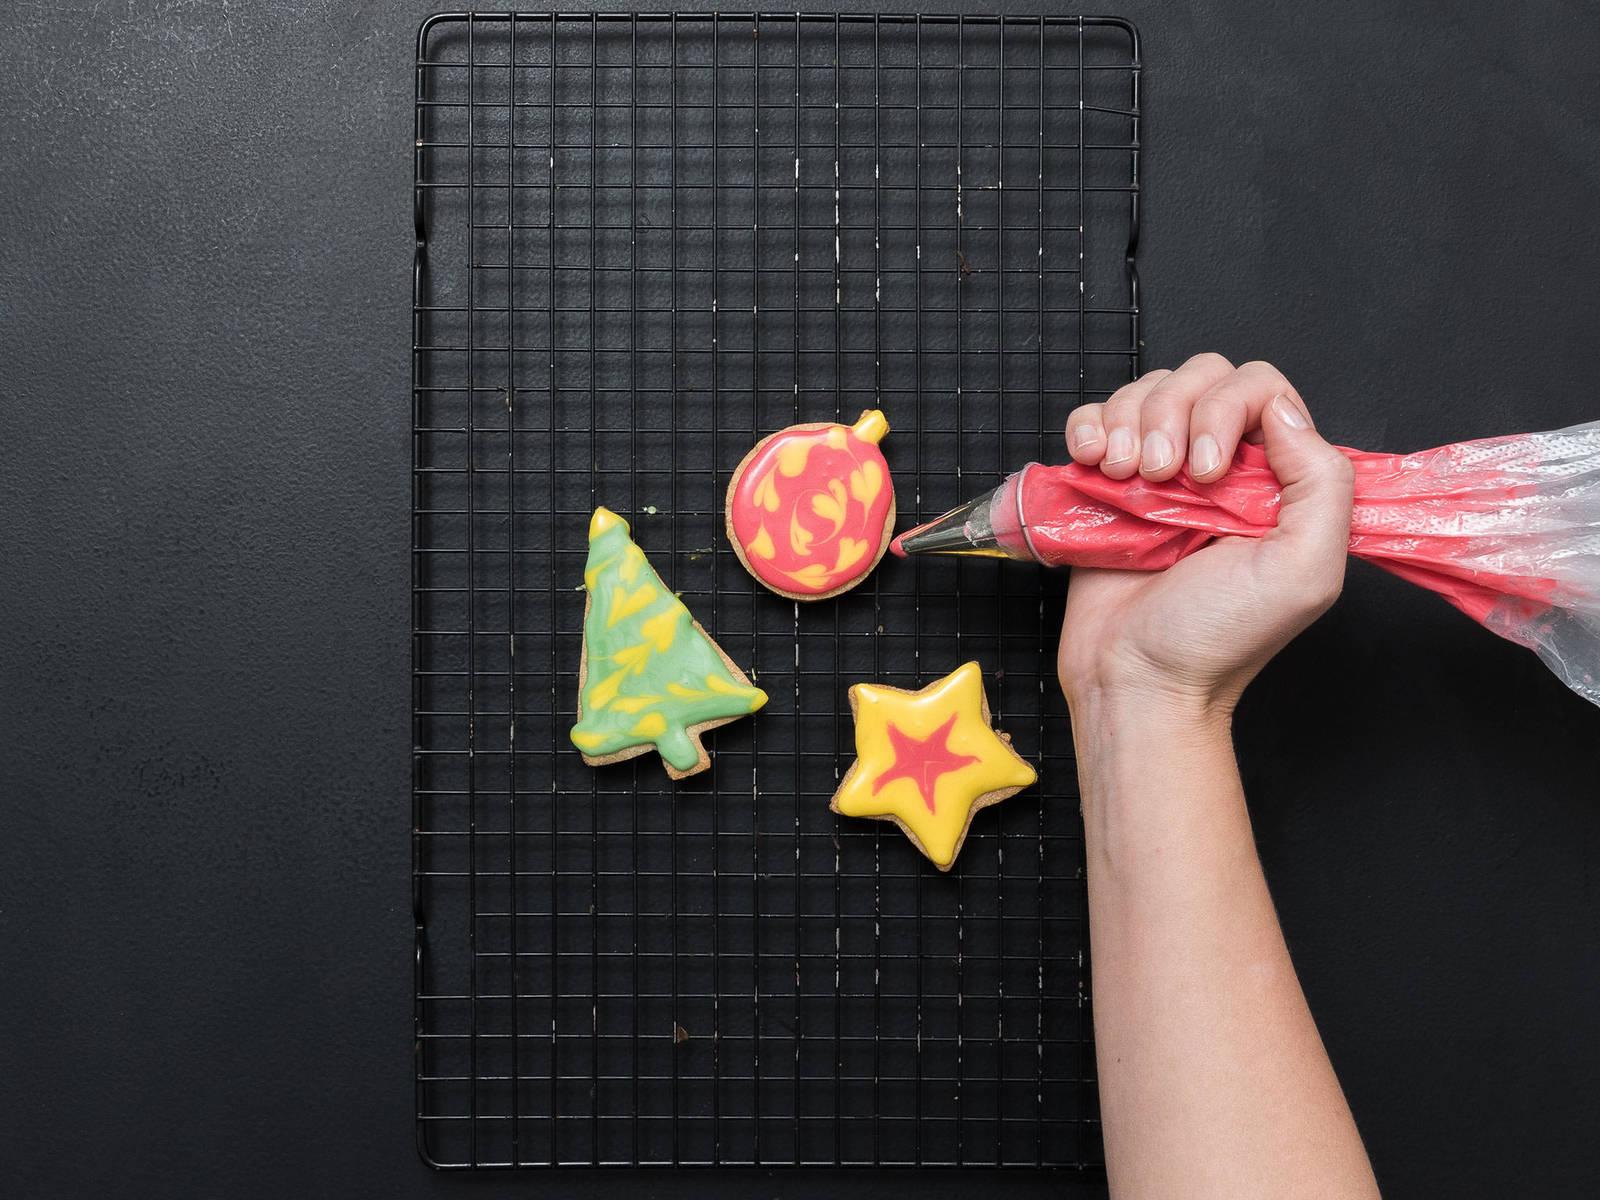 Die Plätzchen mit der Glasur verzieren. Um ein Muster zu erzeugen, zunächst eine Grundschicht Glasur auftragen. Anschließend mit einer Glasur in einer anderen Farbe Linien oder Punkte darauf setzen und mit einem Zahnstocher die obere Glasur durch die untere Schicht ziehen. Über Nacht trocknen lassen. Guten Appetit!